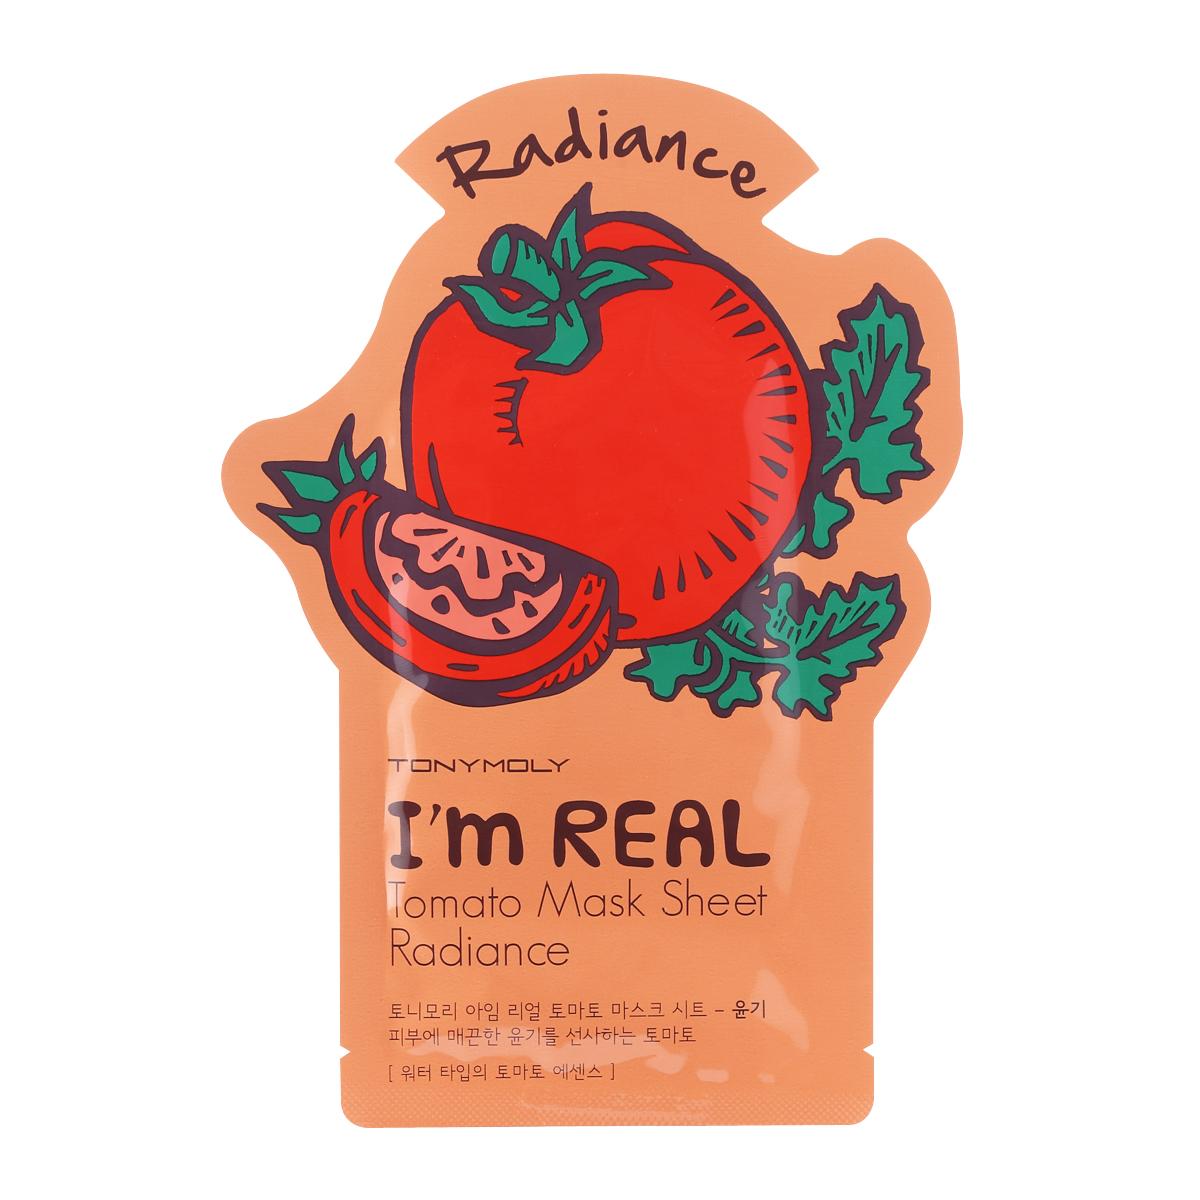 TonyMolyТканевая маска с экстрактом томата Im Real Tomato Mask Sheet, 21млFS-00897Тканевая маска для сияния кожи с экстрактом томата Tony Moly Im real Tomato Mask Sheet - увлажняющая и укрепляющая кожу антиоксидантная маска для уставшей кожи. Обладает легким отбеливающим эффектом и повышает эластичность кожи. После нее цвет кожи становится однородным, поры стягиваются, стираются следы усталости. В составе — бетаглюканы, ликопин (томат), эсктракт киви, аллантоин, витамин E. Ликопин и витамин Е — антиоксиданты, улучшают цвет лица, борются со свободными радикалами. Маска состоит из трех слоев, что способствует более глубокому и интенсивному проникновению полезных веществ в клетки кожи. Не содержит парабенов, талька и искусственных красителей. Марка Tony Moly чаще всего размещает на упаковке (внизу или наверху на спайке двух сторон упаковки, на дне банки, на тубе сбоку) дату изготовления в формате: год/месяц/дата.